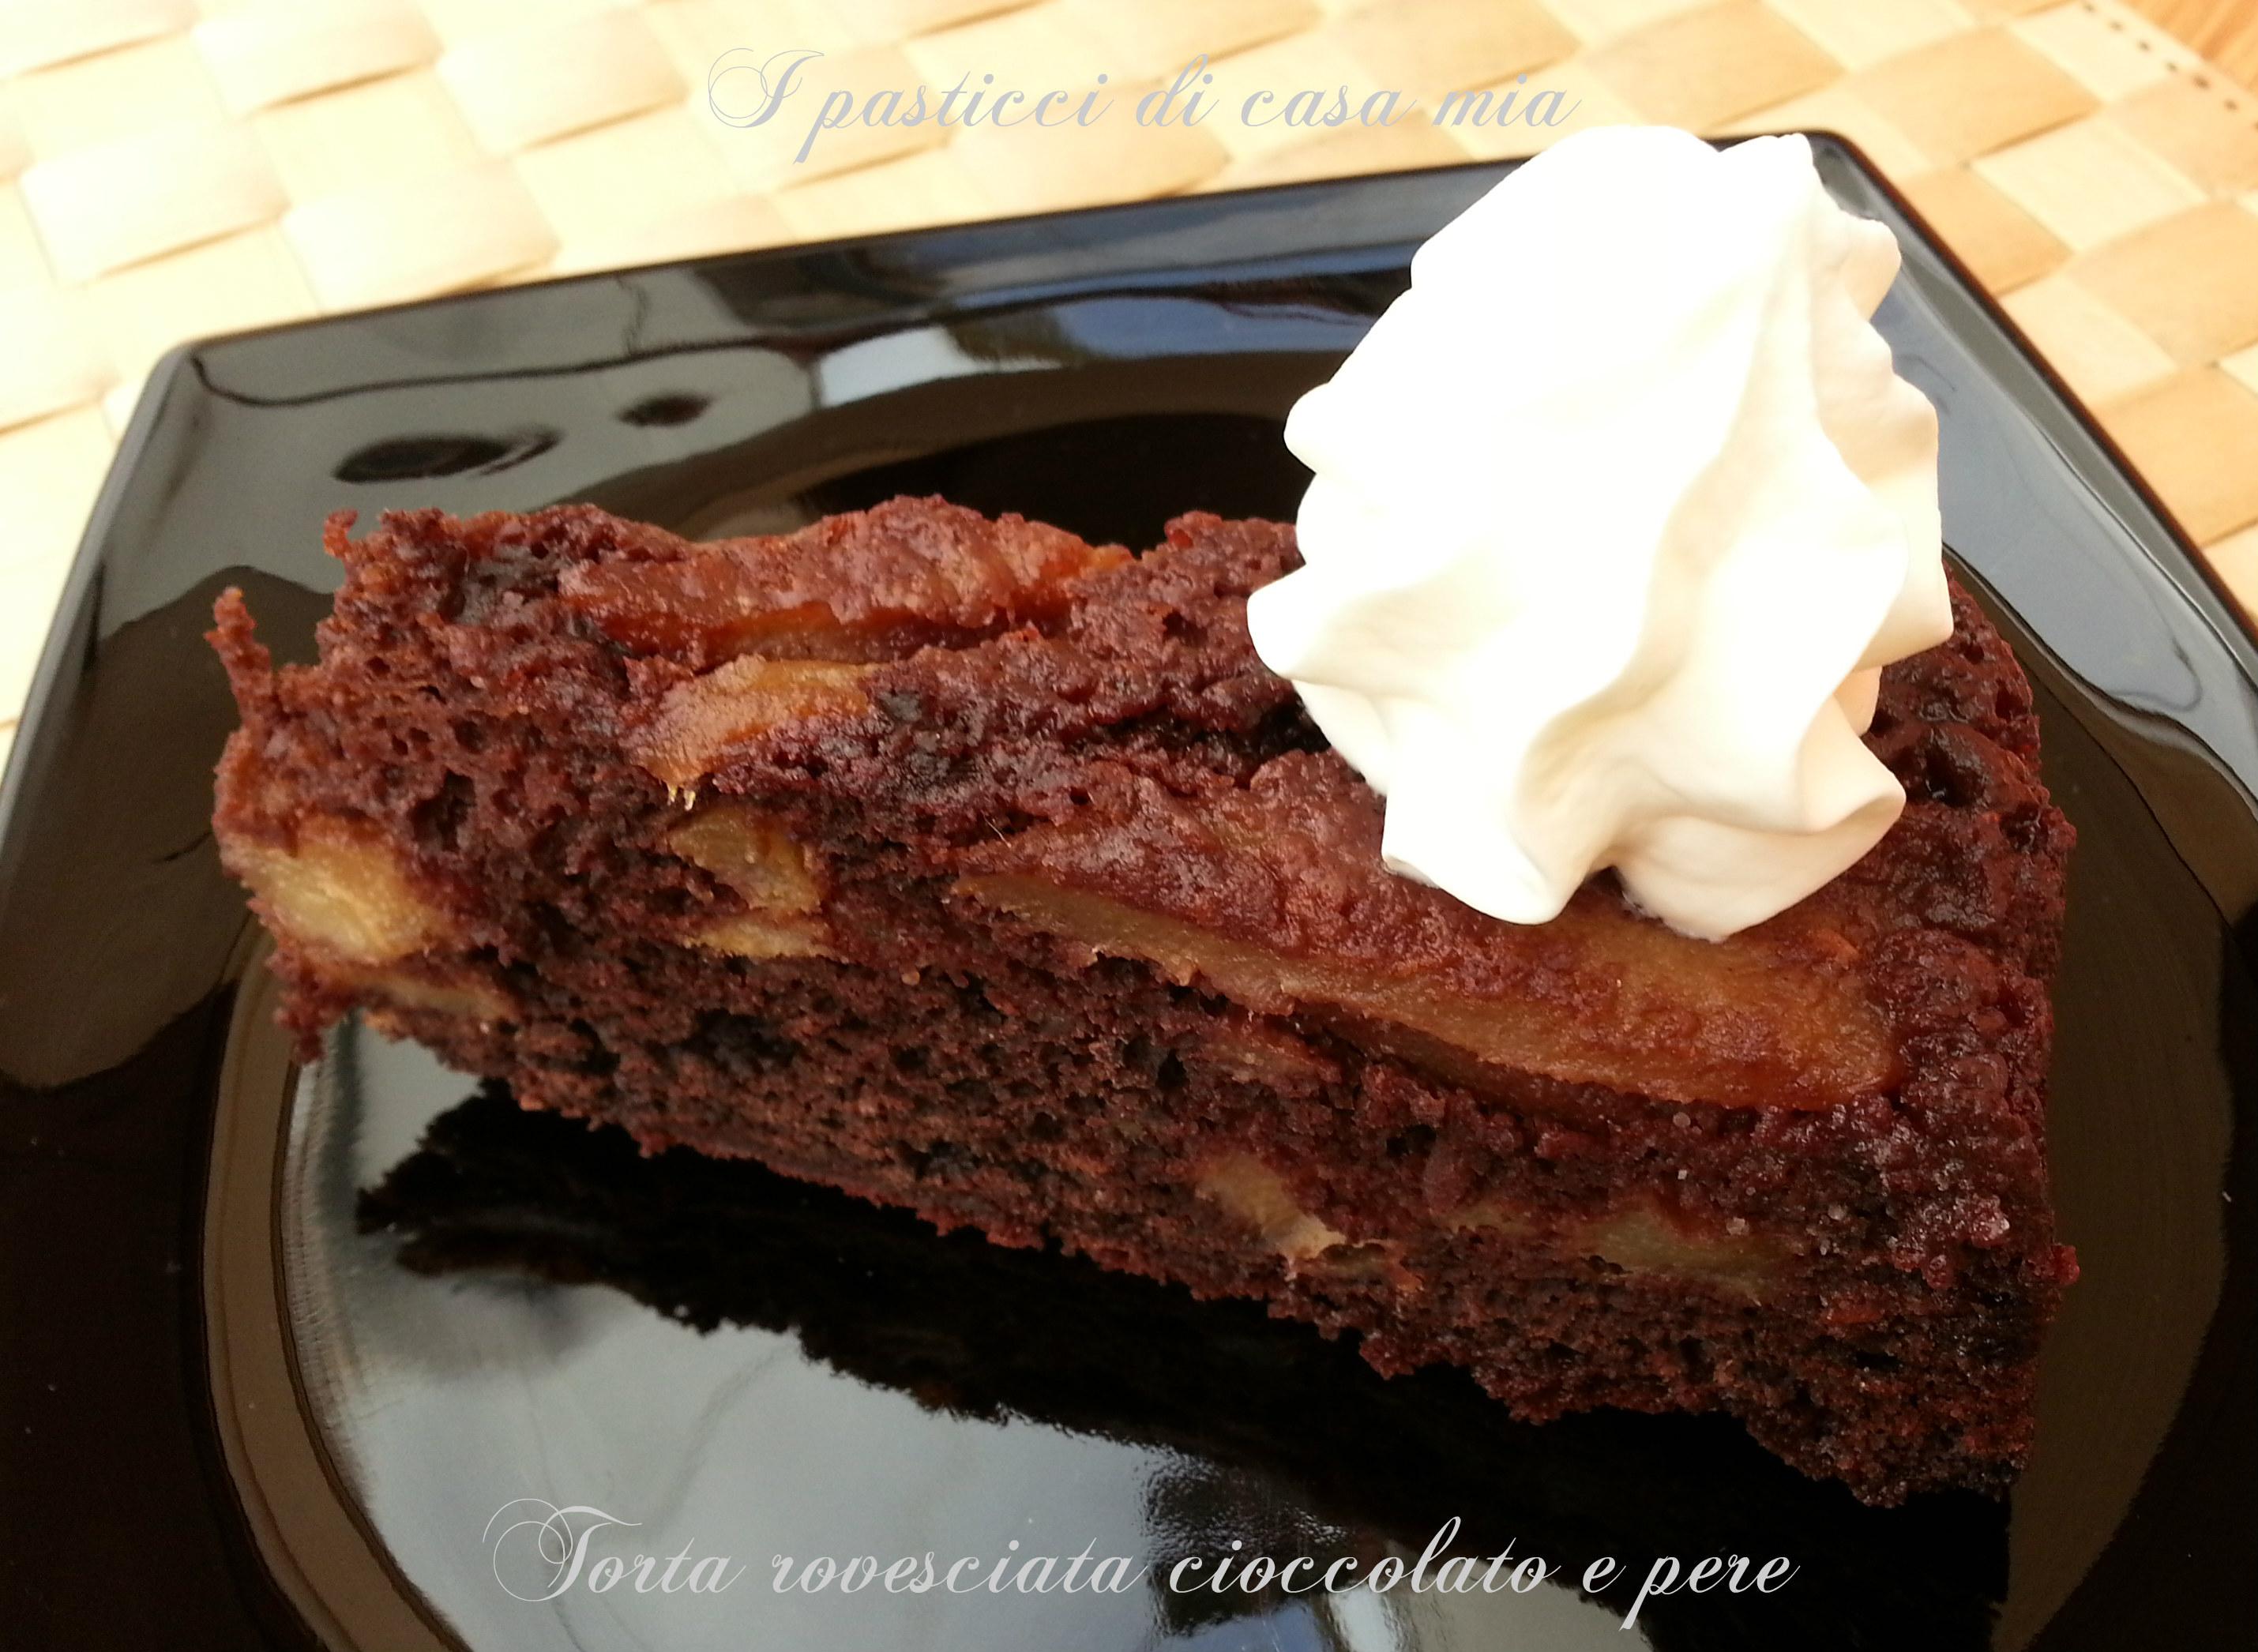 Torta rovesciata cioccolato e pere